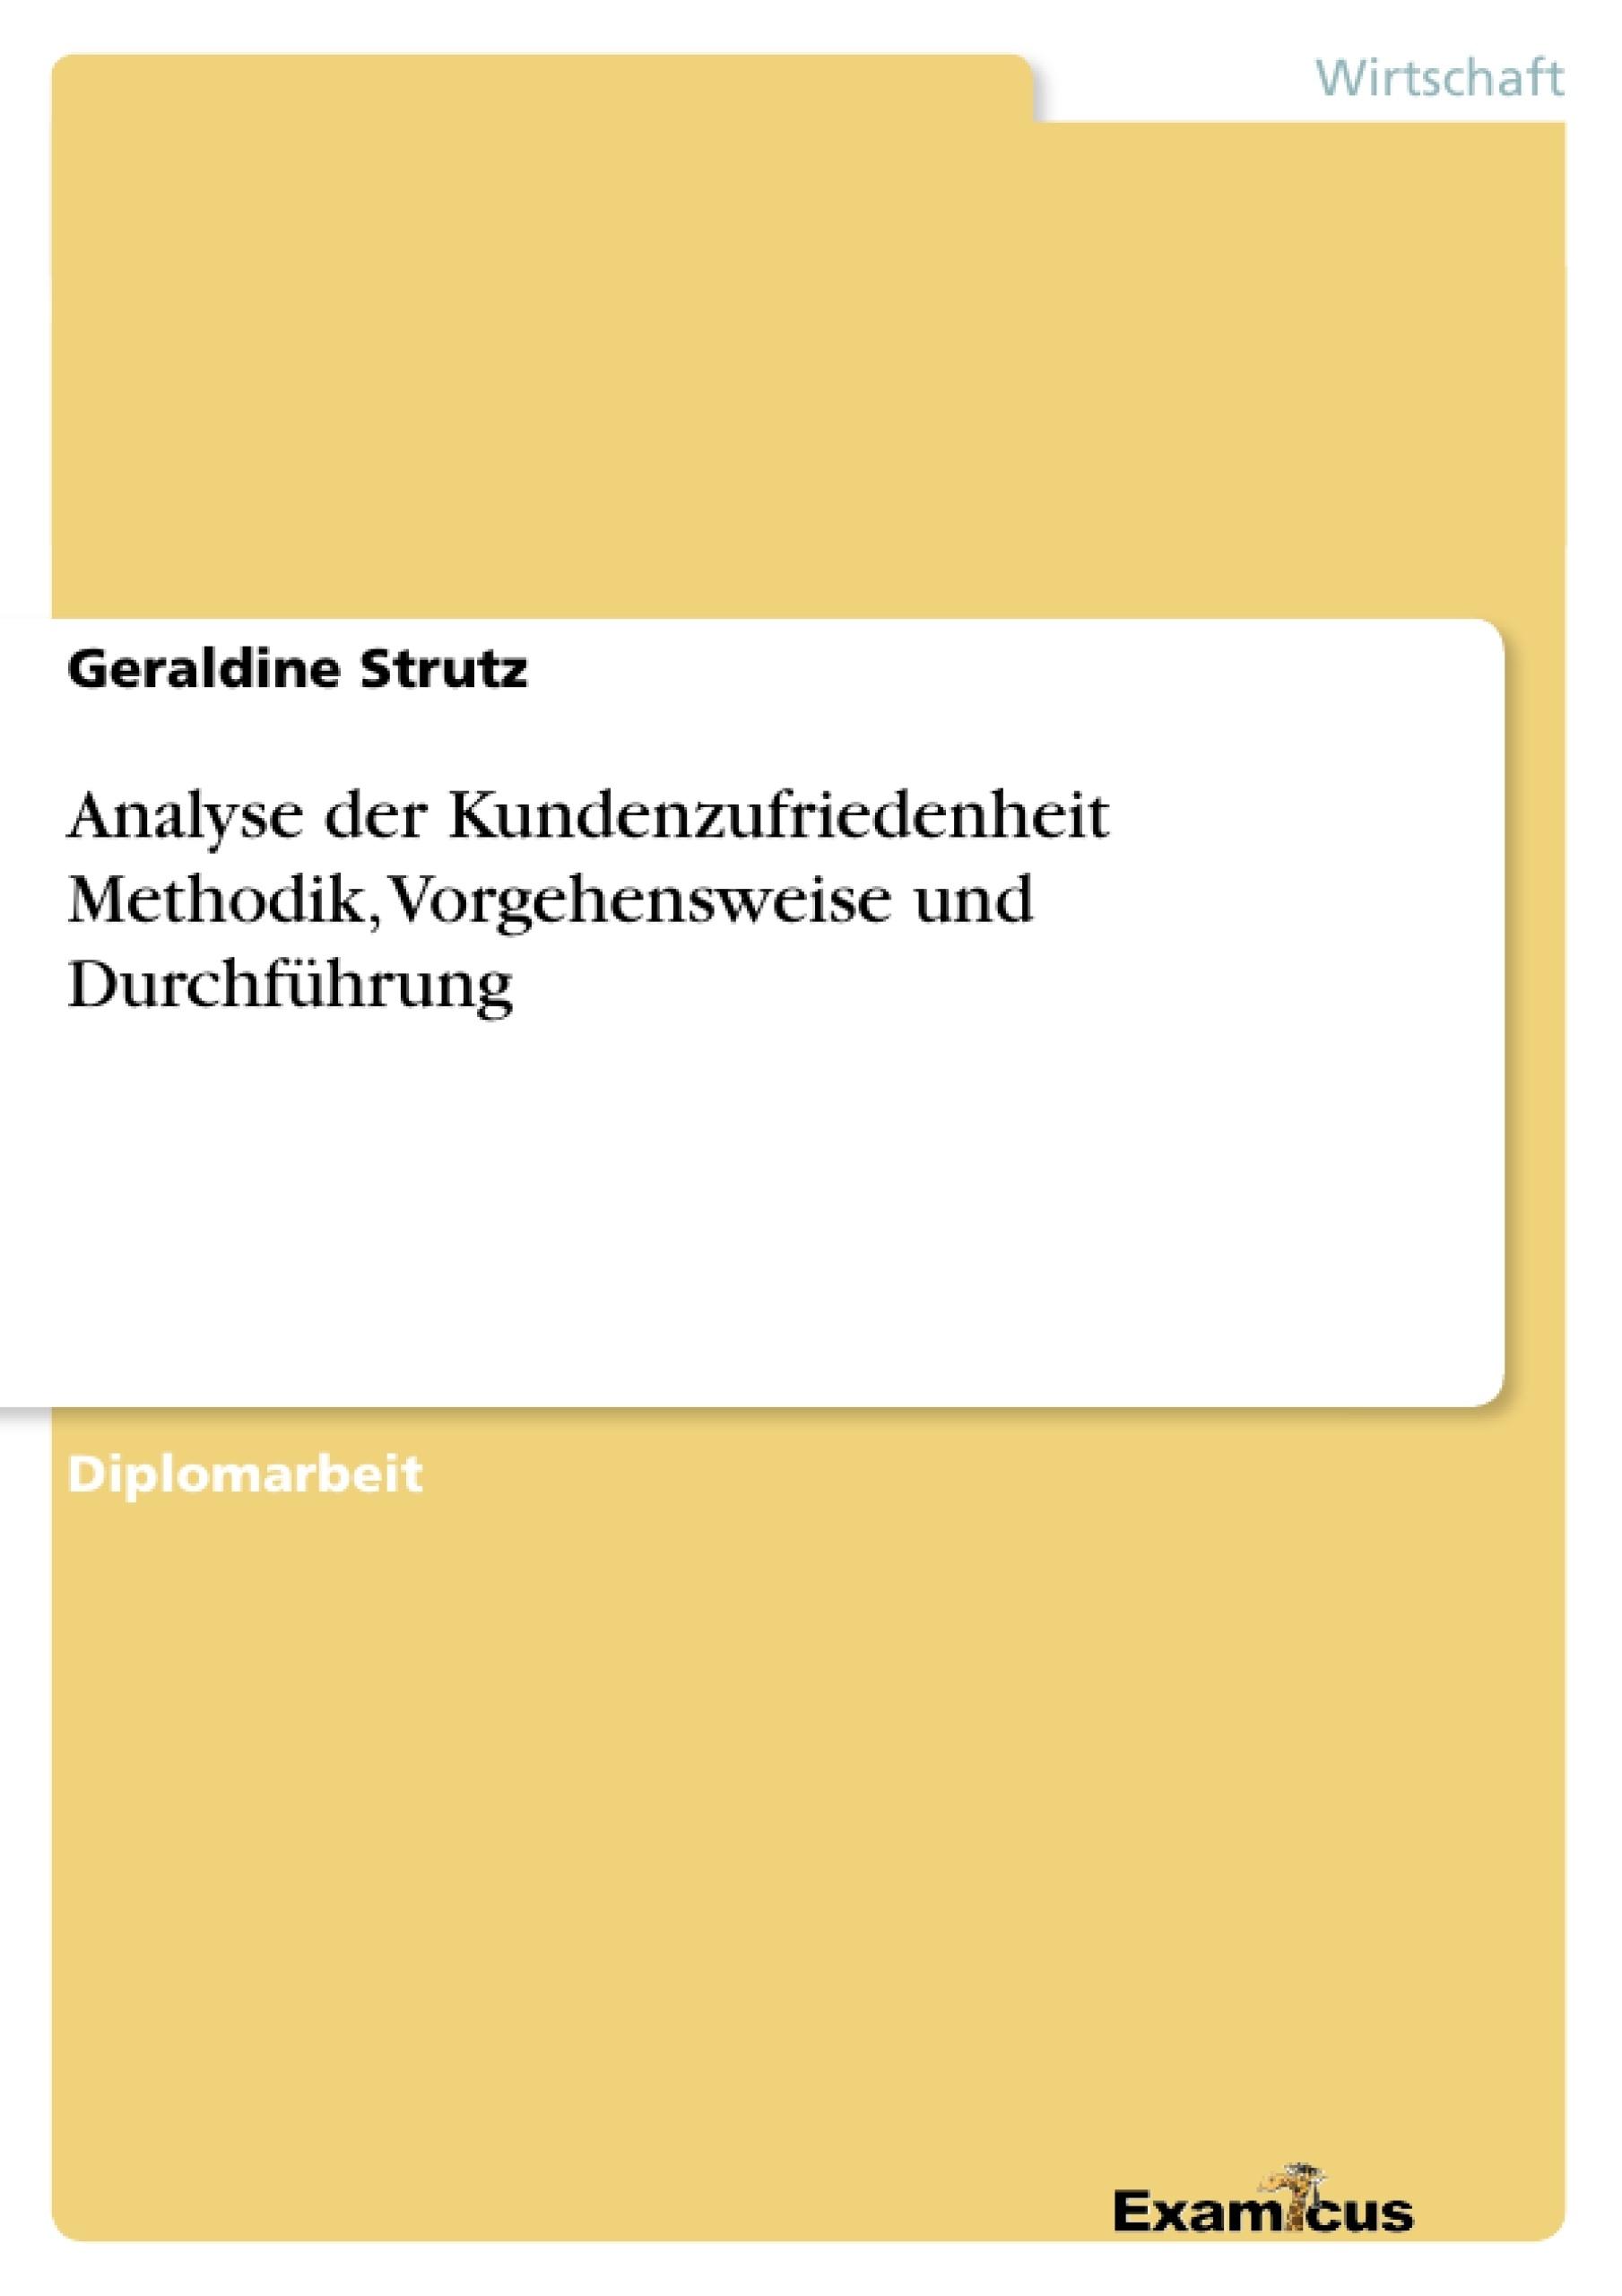 Titel: Analyse der KundenzufriedenheitMethodik, Vorgehensweise und Durchführung